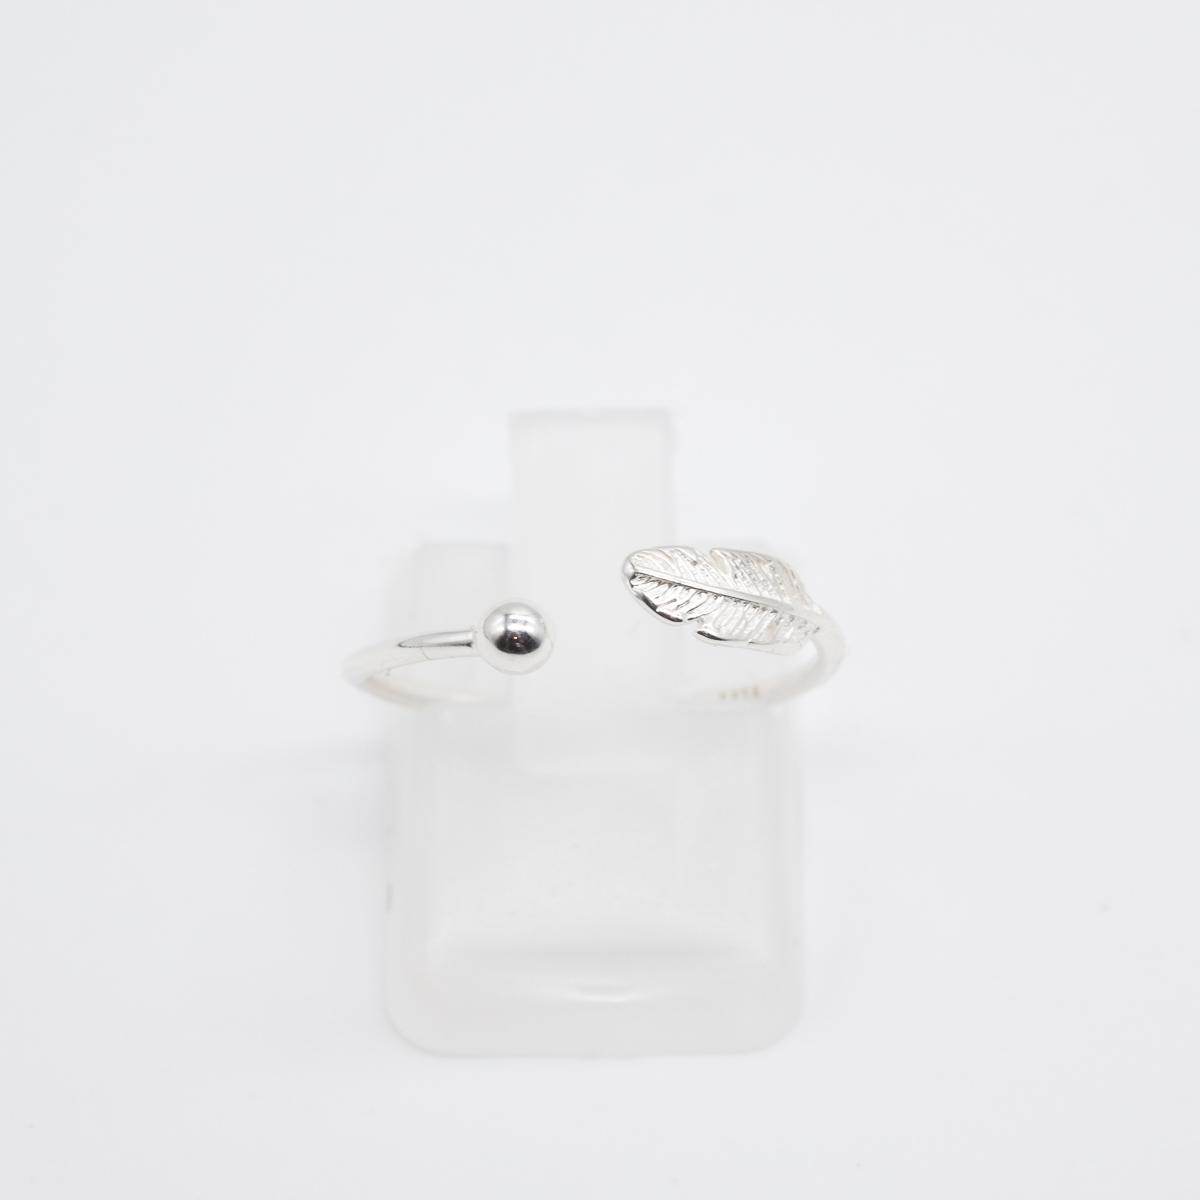 RNG-001 zilver pijl bohemian ring